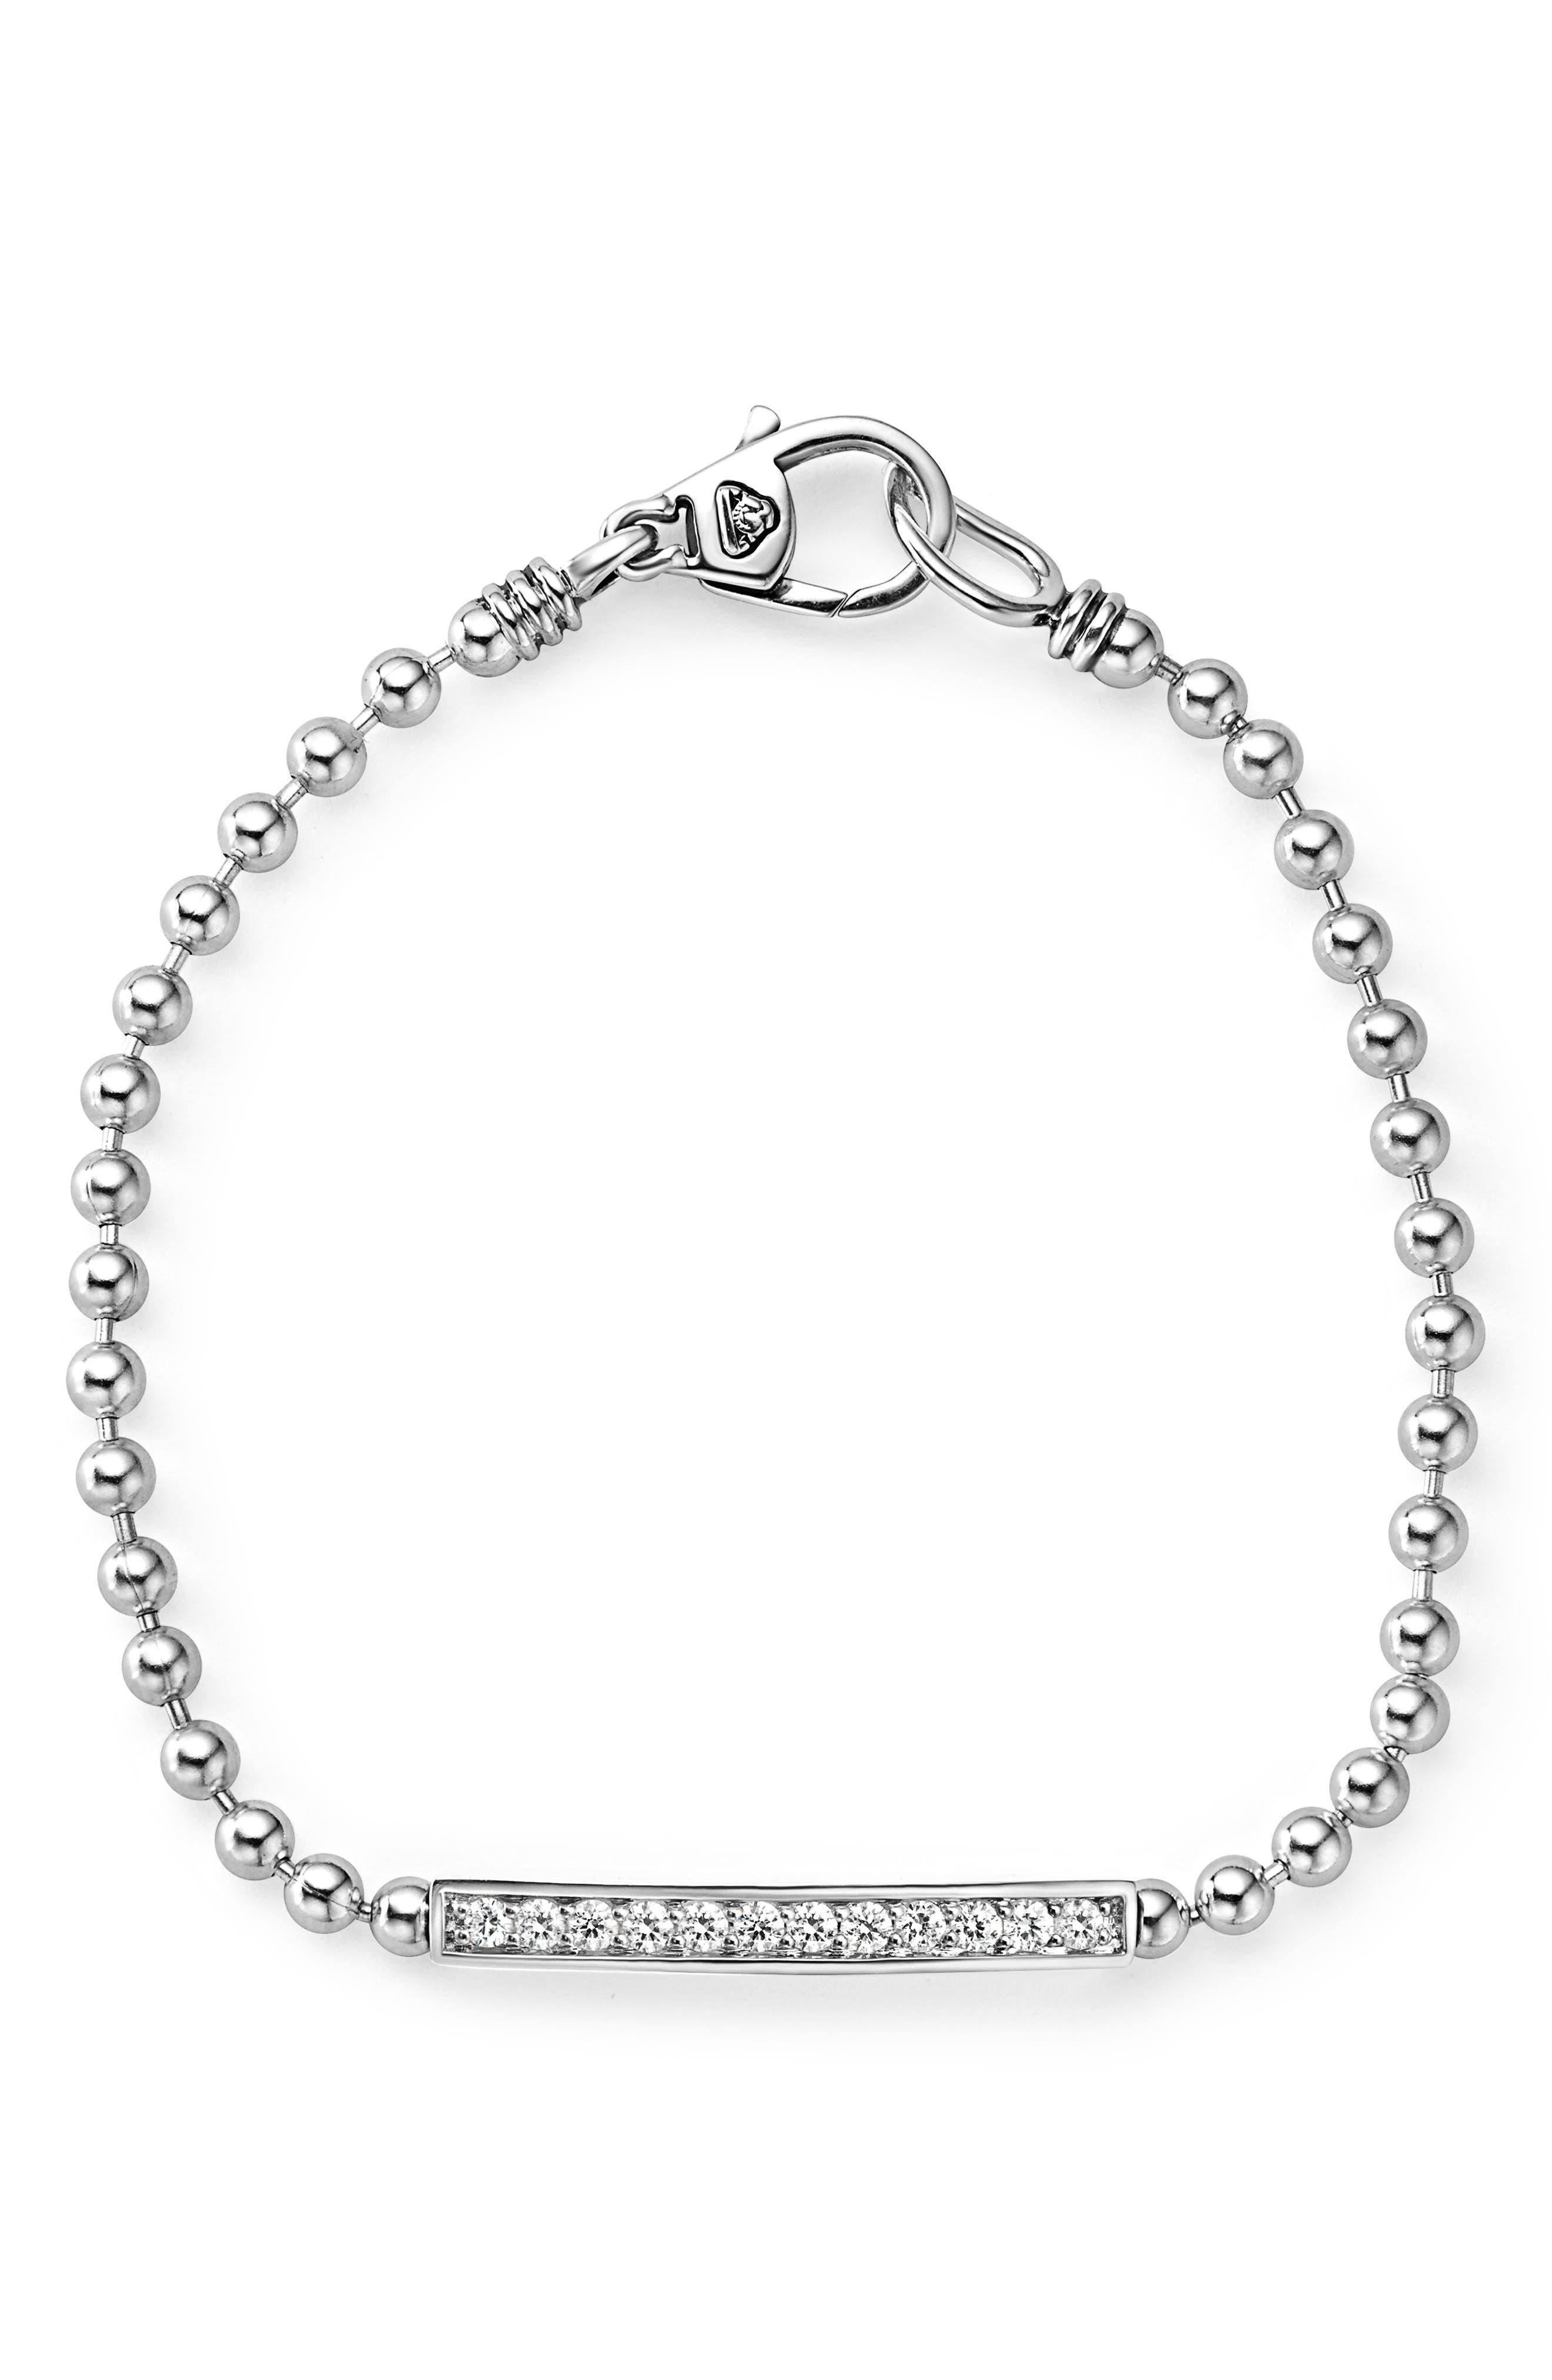 Caviar Spark Diamond Bar Chain Bracelet,                             Main thumbnail 1, color,                             SILVER/ DIAMOND